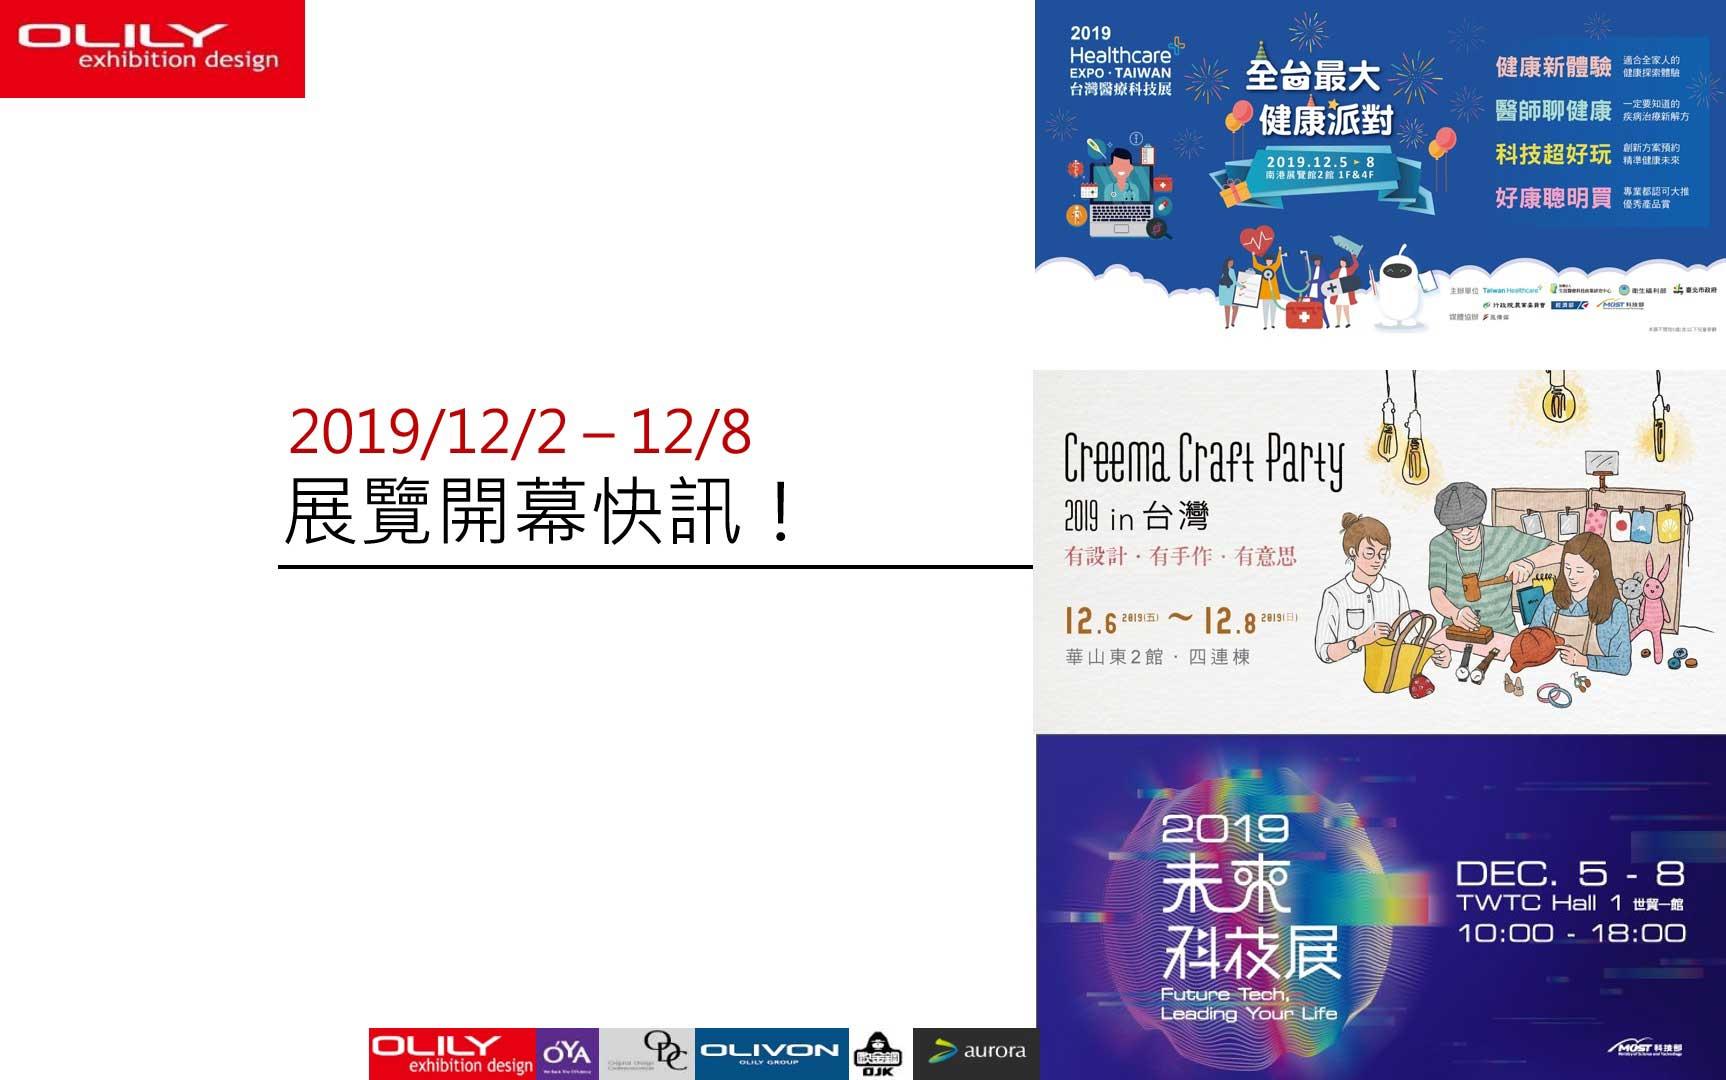 展覽設計- 展覽資訊1202